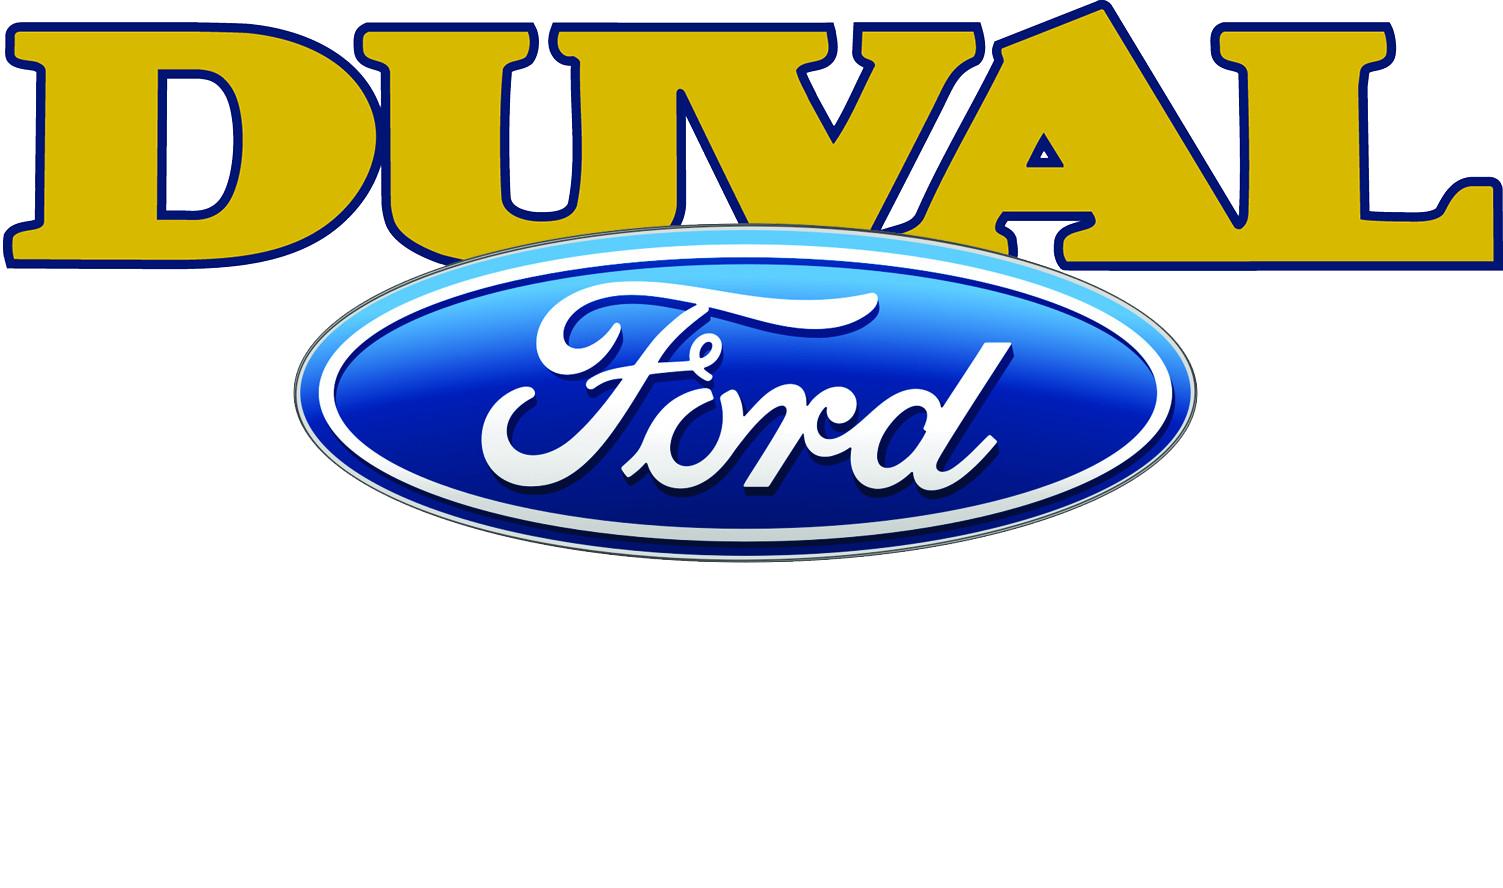 Duval Ford of Jacksonville, FL logo